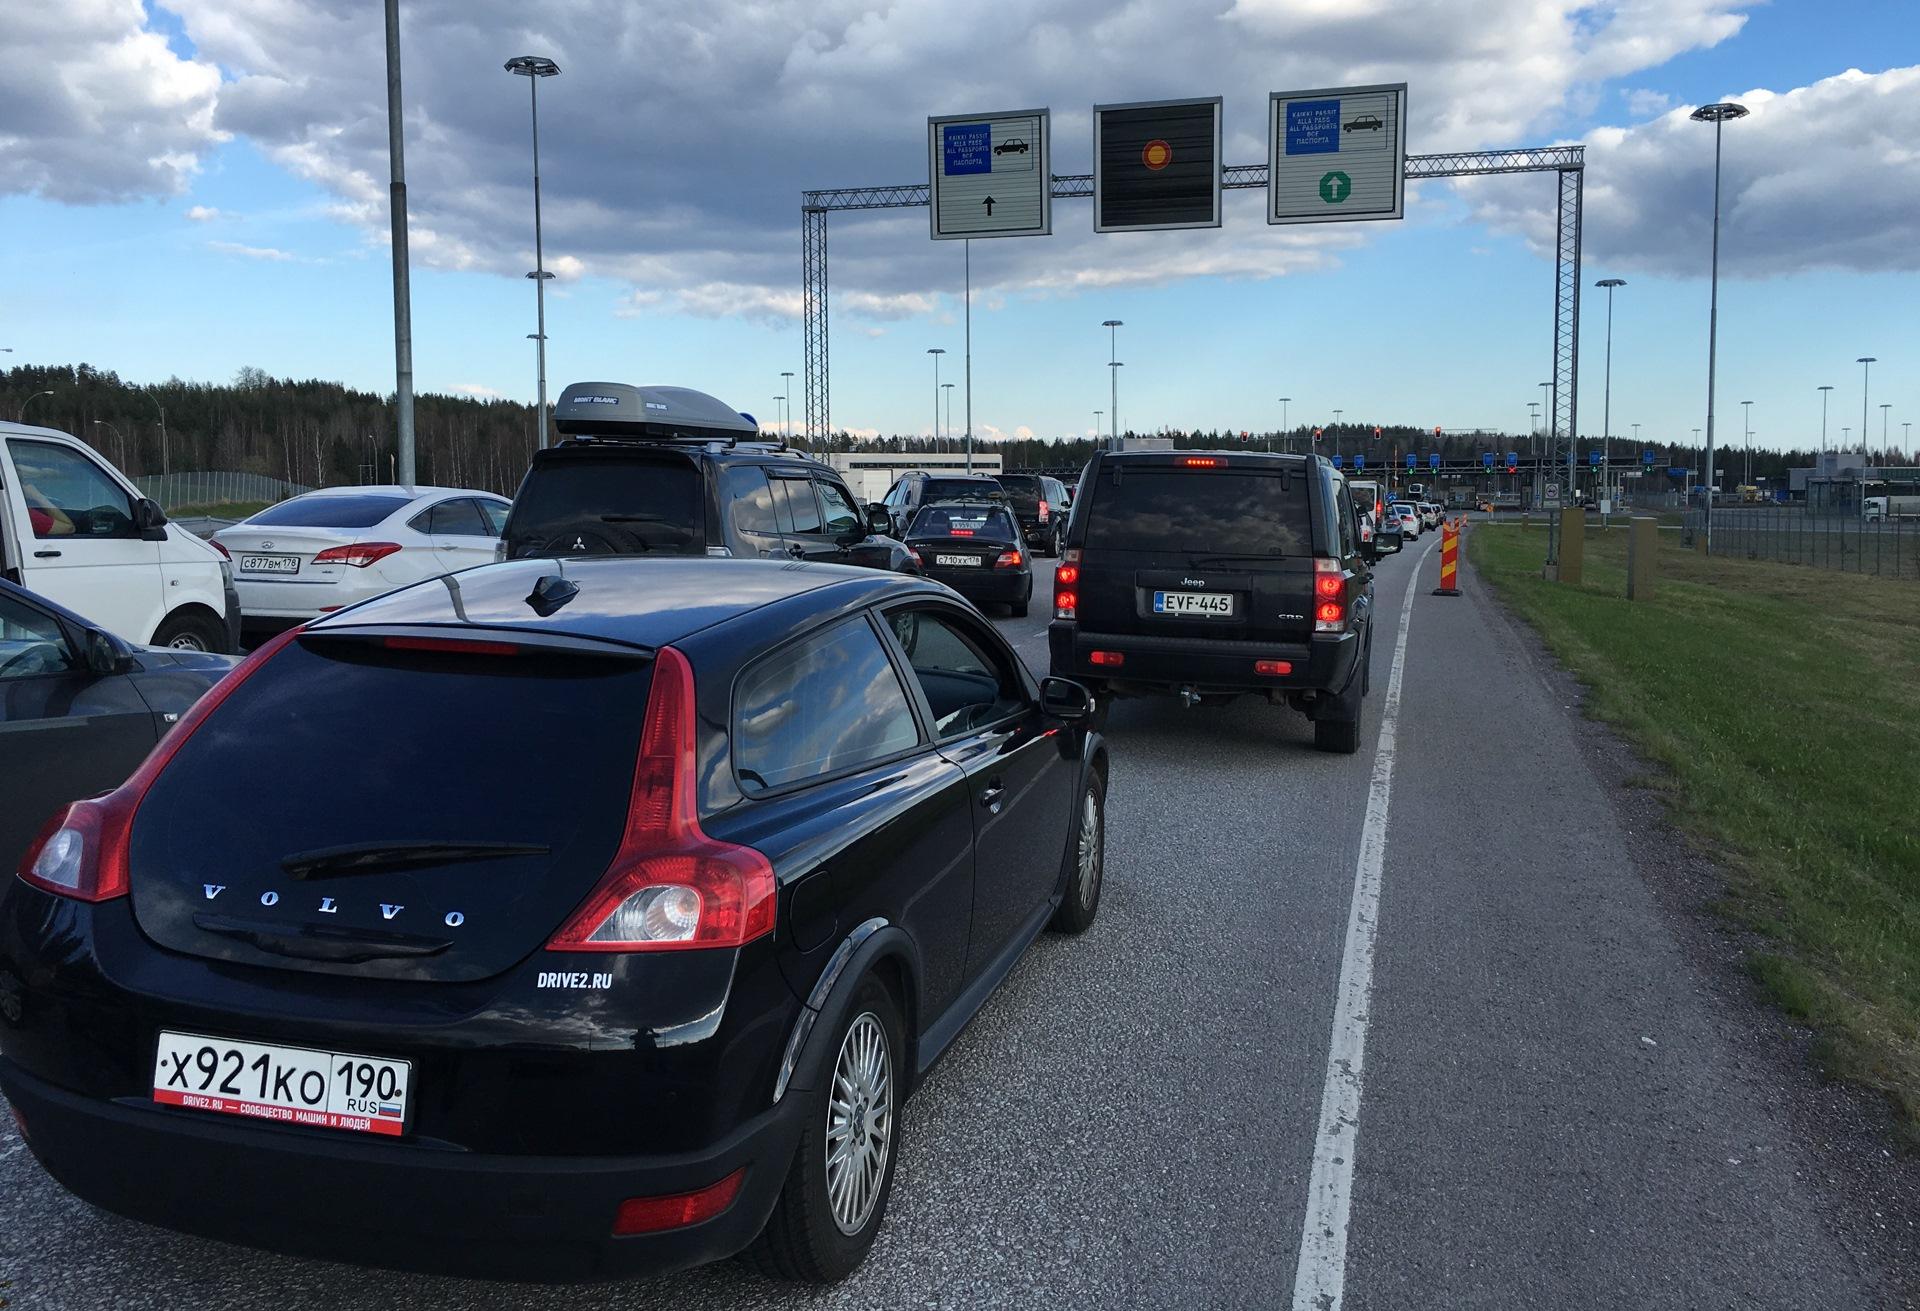 Можно ли въезжать в финляндию с видеорегистратором автомобильный видеорегистратор gmini magiceye hd90g отзывы